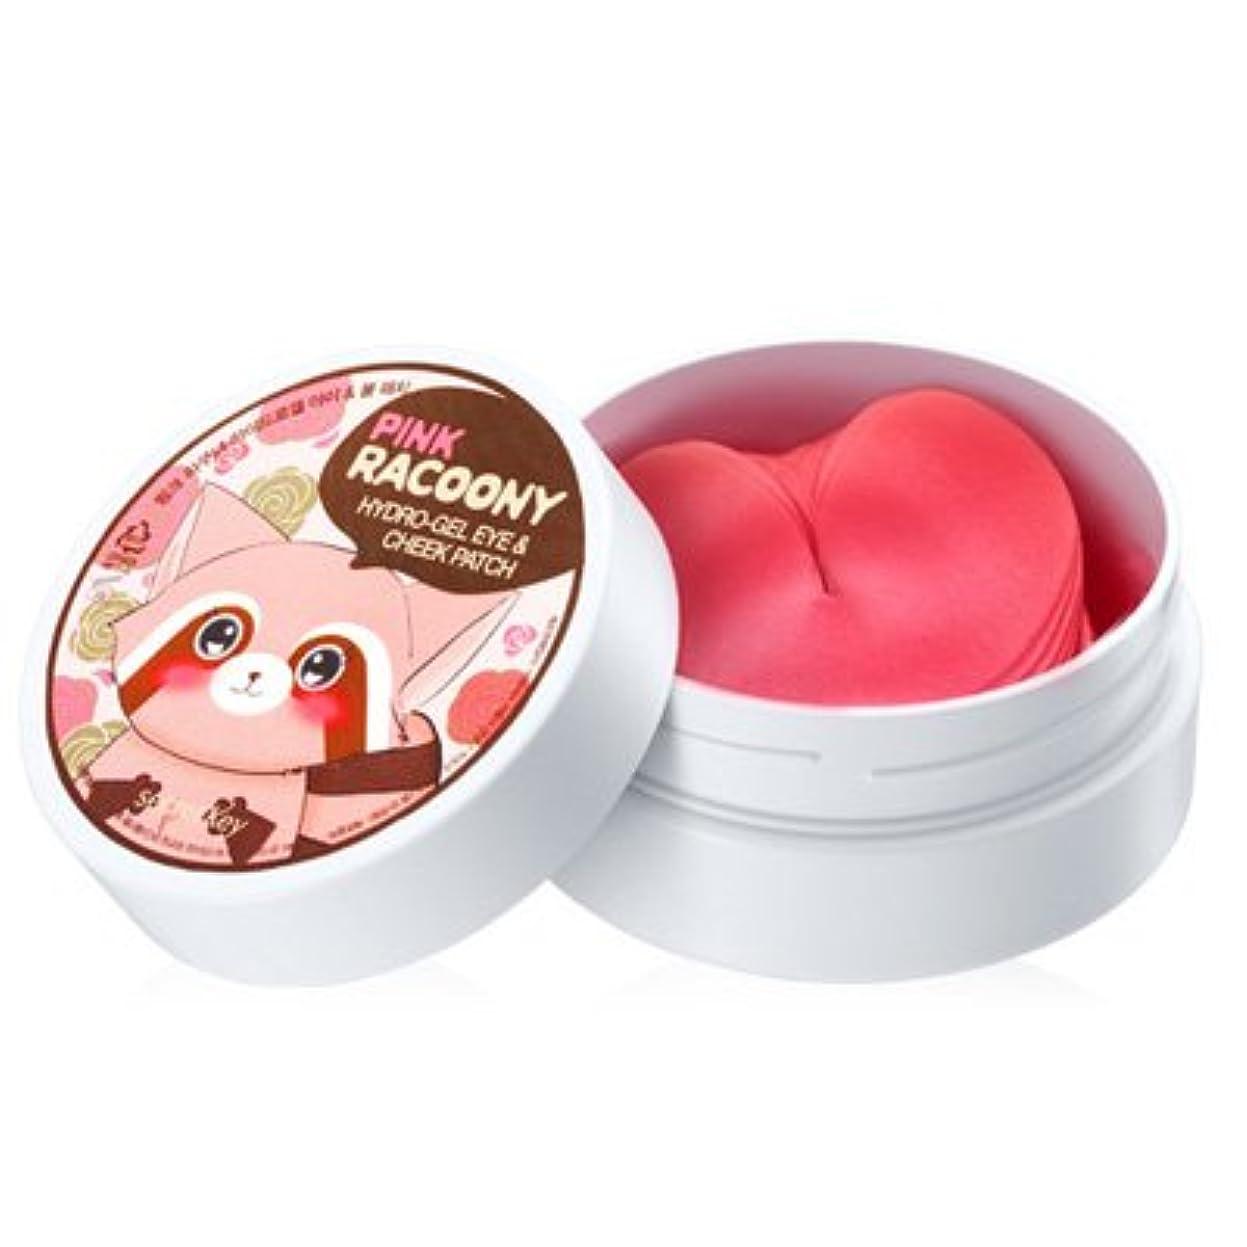 いいねうがい好みSecret Key Pink Racoony Hydro-gel Eye & Cheek Patch/シークレットキー ピンク ラクーニー ハイドロゲル アイ&チーク パッチ [並行輸入品]